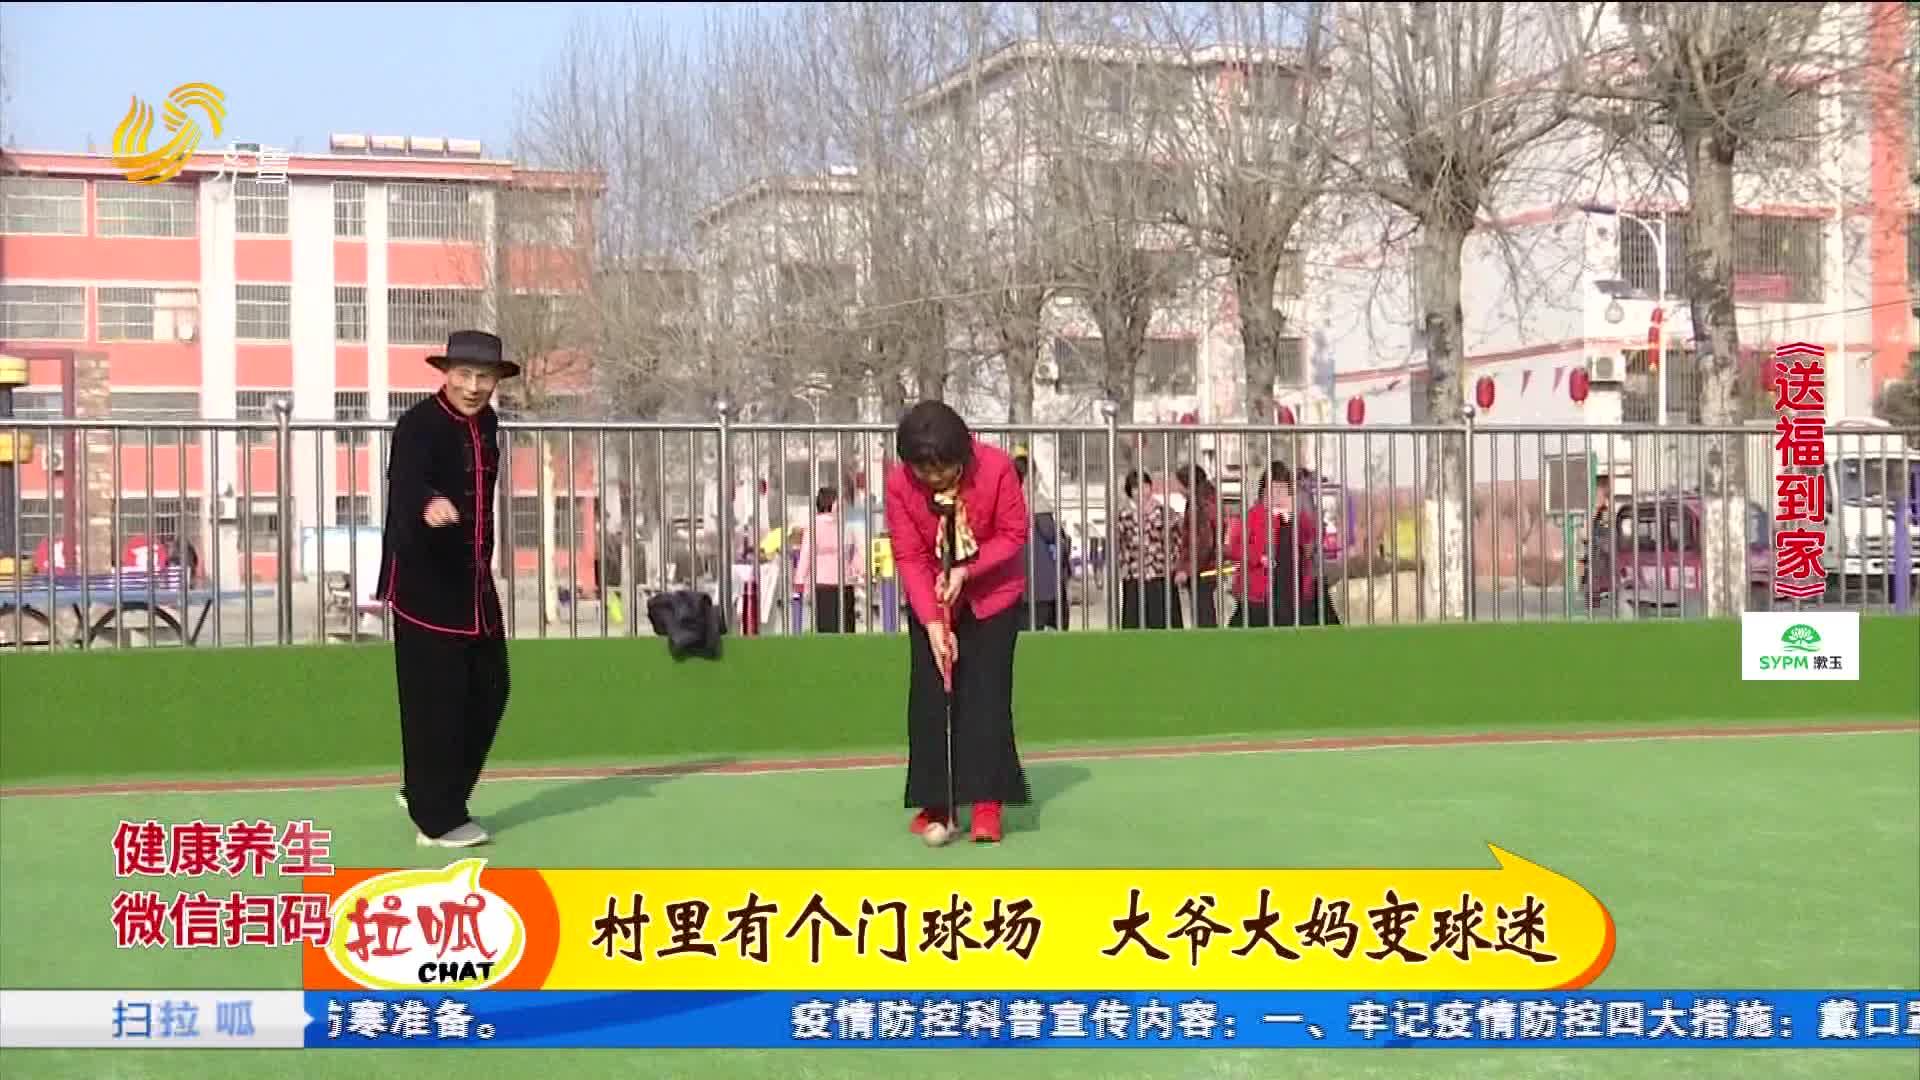 送福到家:74岁老教头 玩转门球